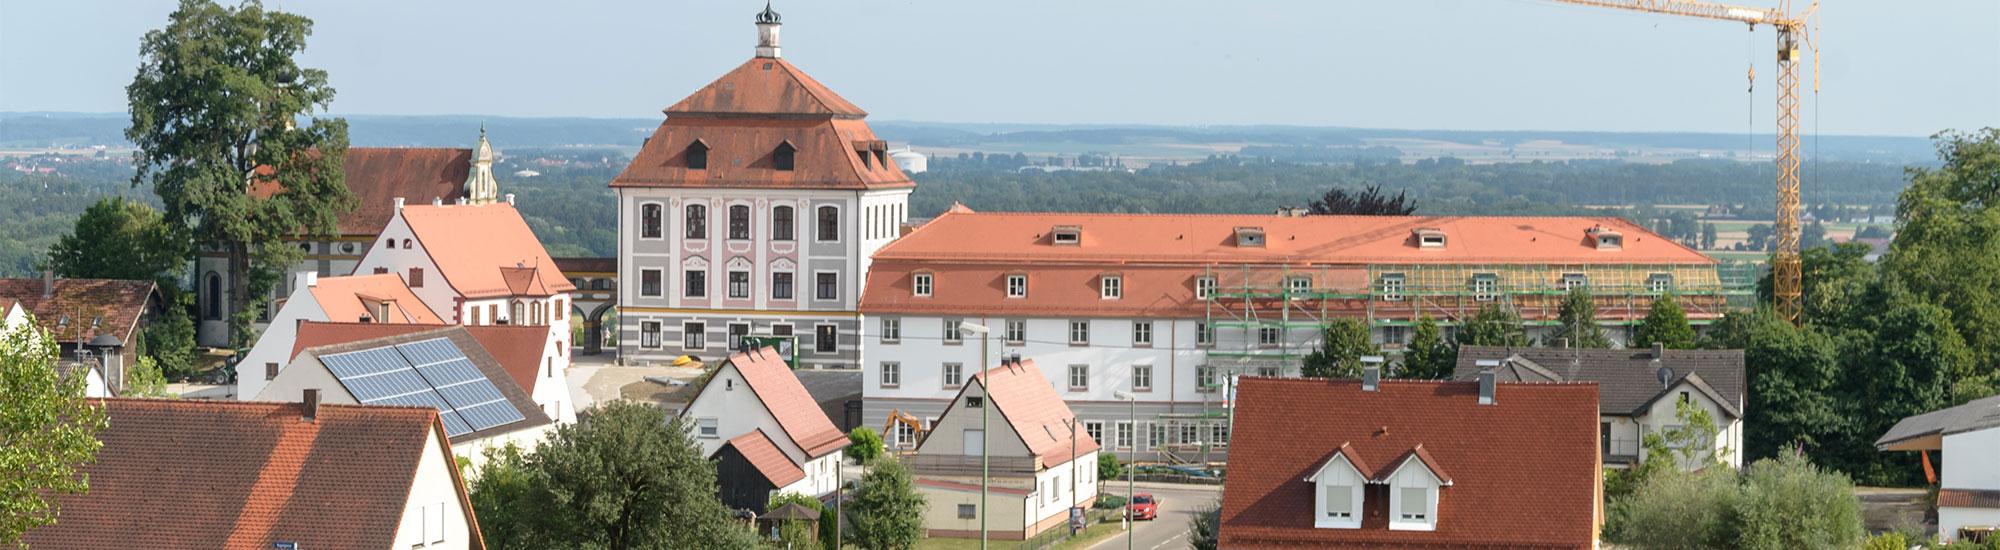 Schloss-Leitheim